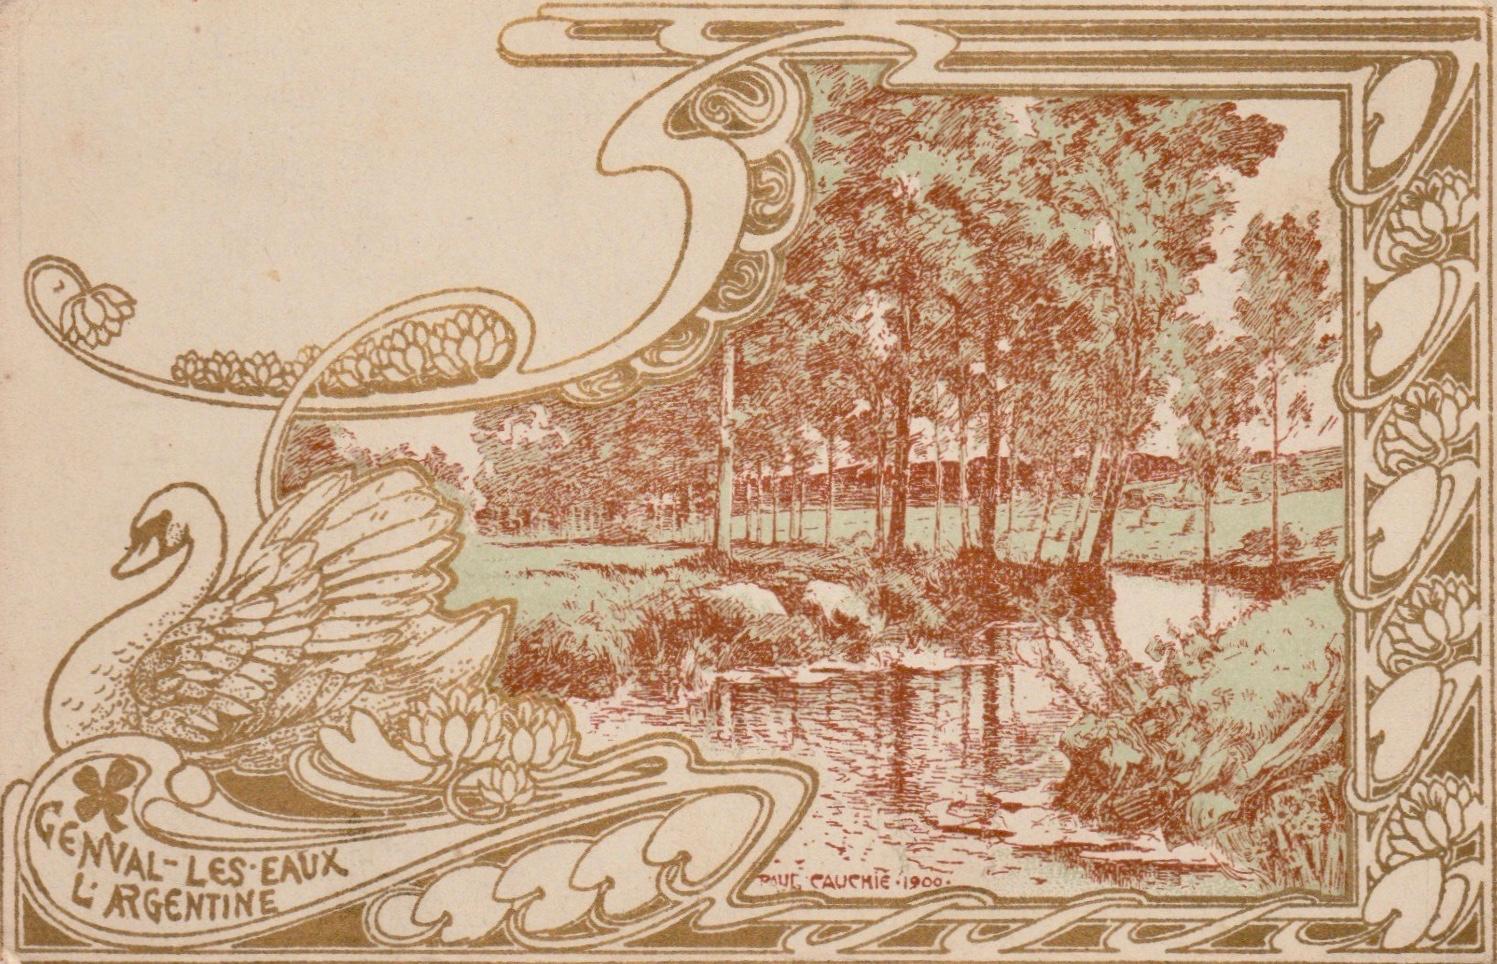 L'Argentine carte postale art nouveau litho de Paul Cauchie Genval-lez-Eaux